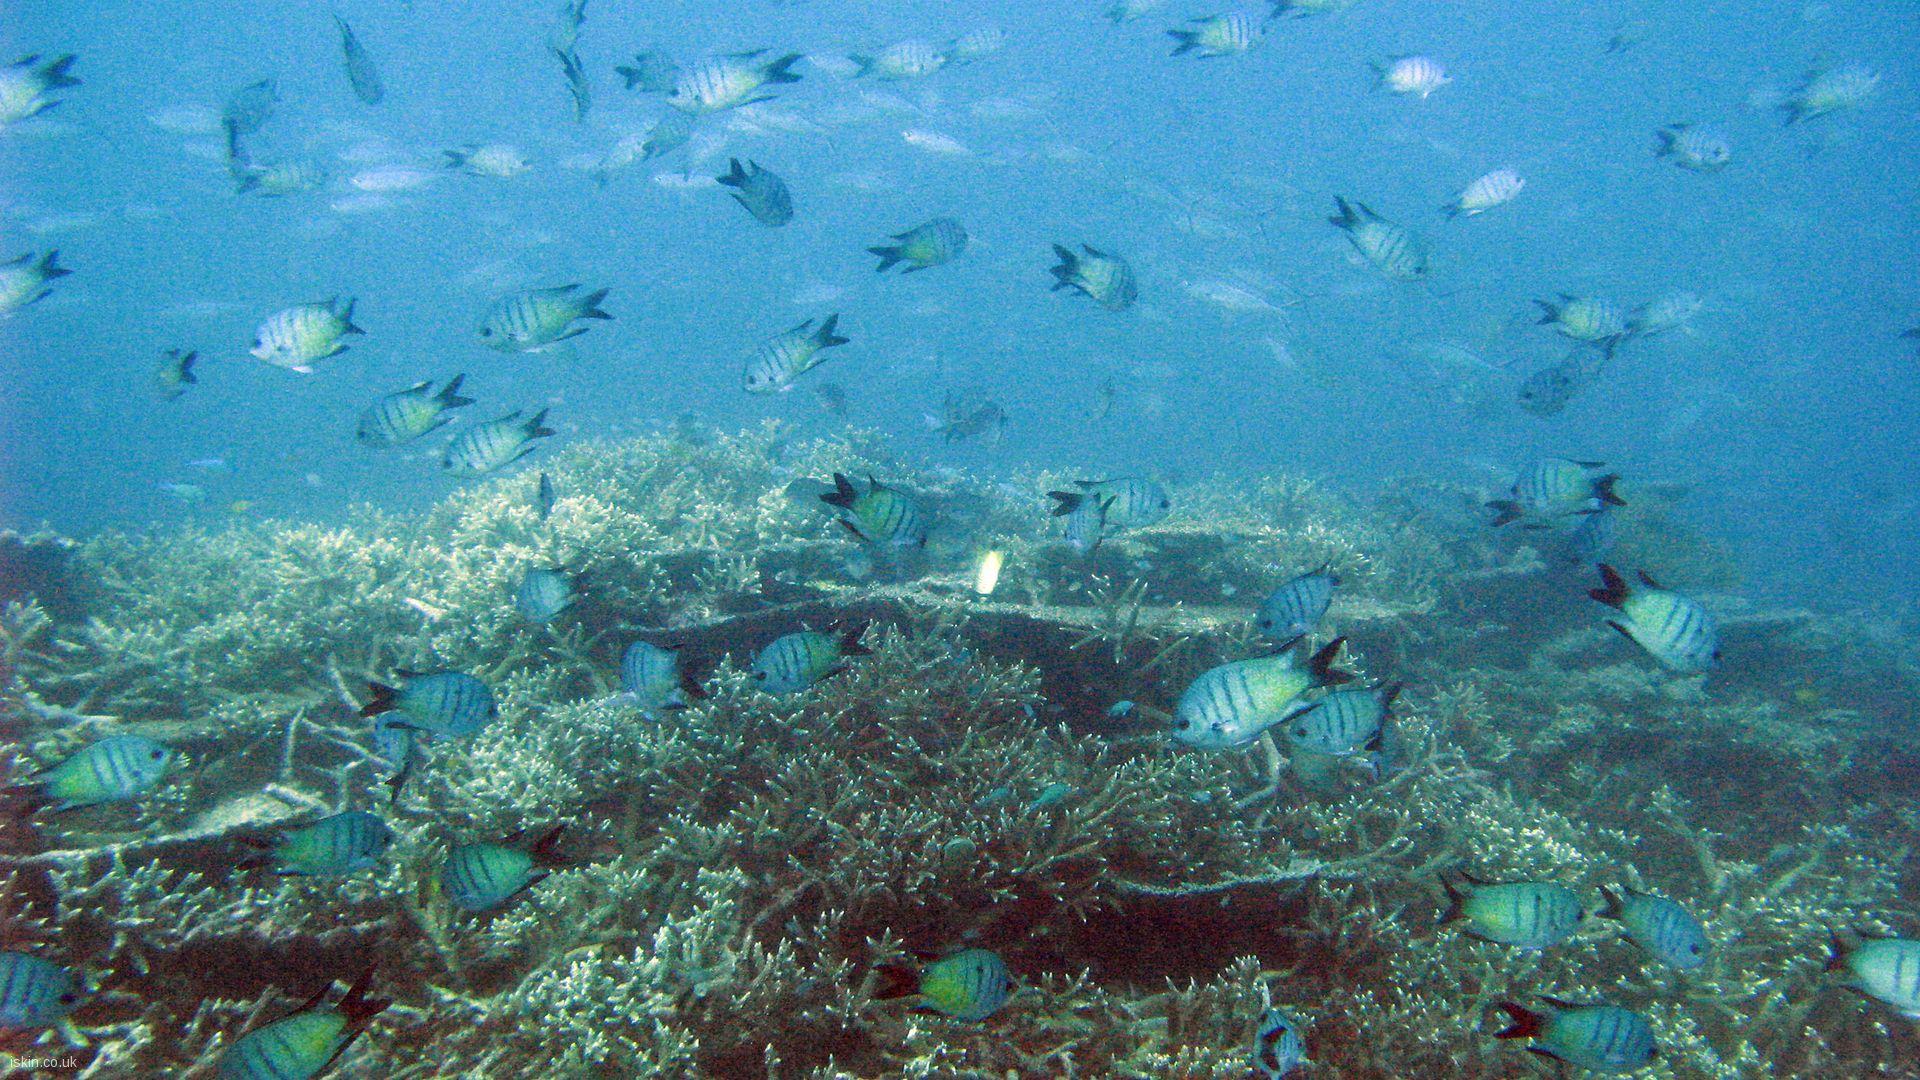 Reef Fish 1920x1080